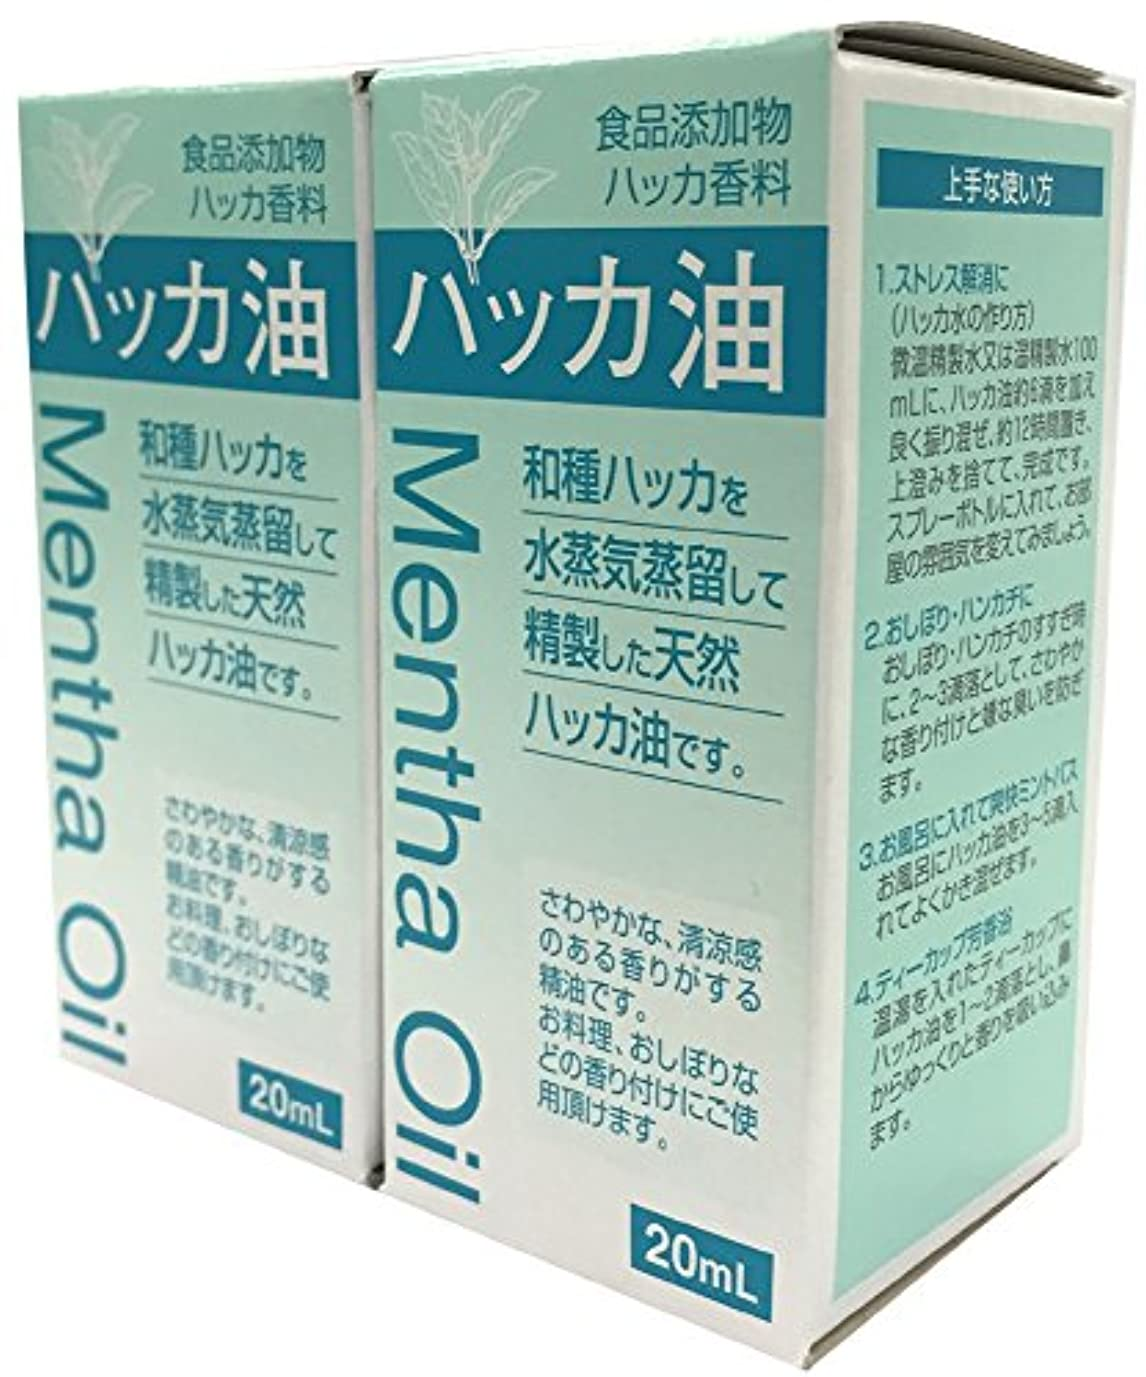 食品添加物 ハッカ油 20mL 2個セット